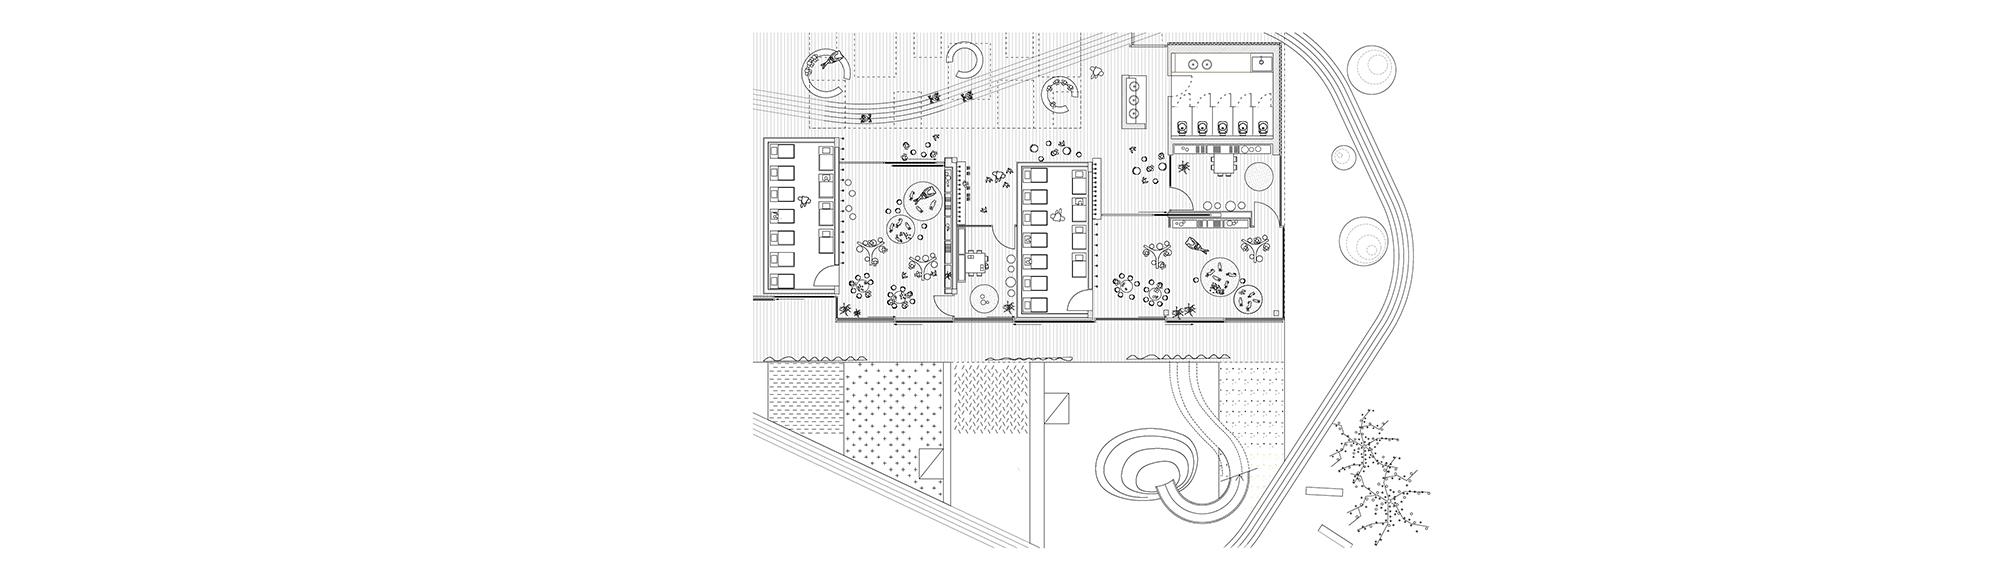 La-Lela-Le Kita Detail plan_WEB